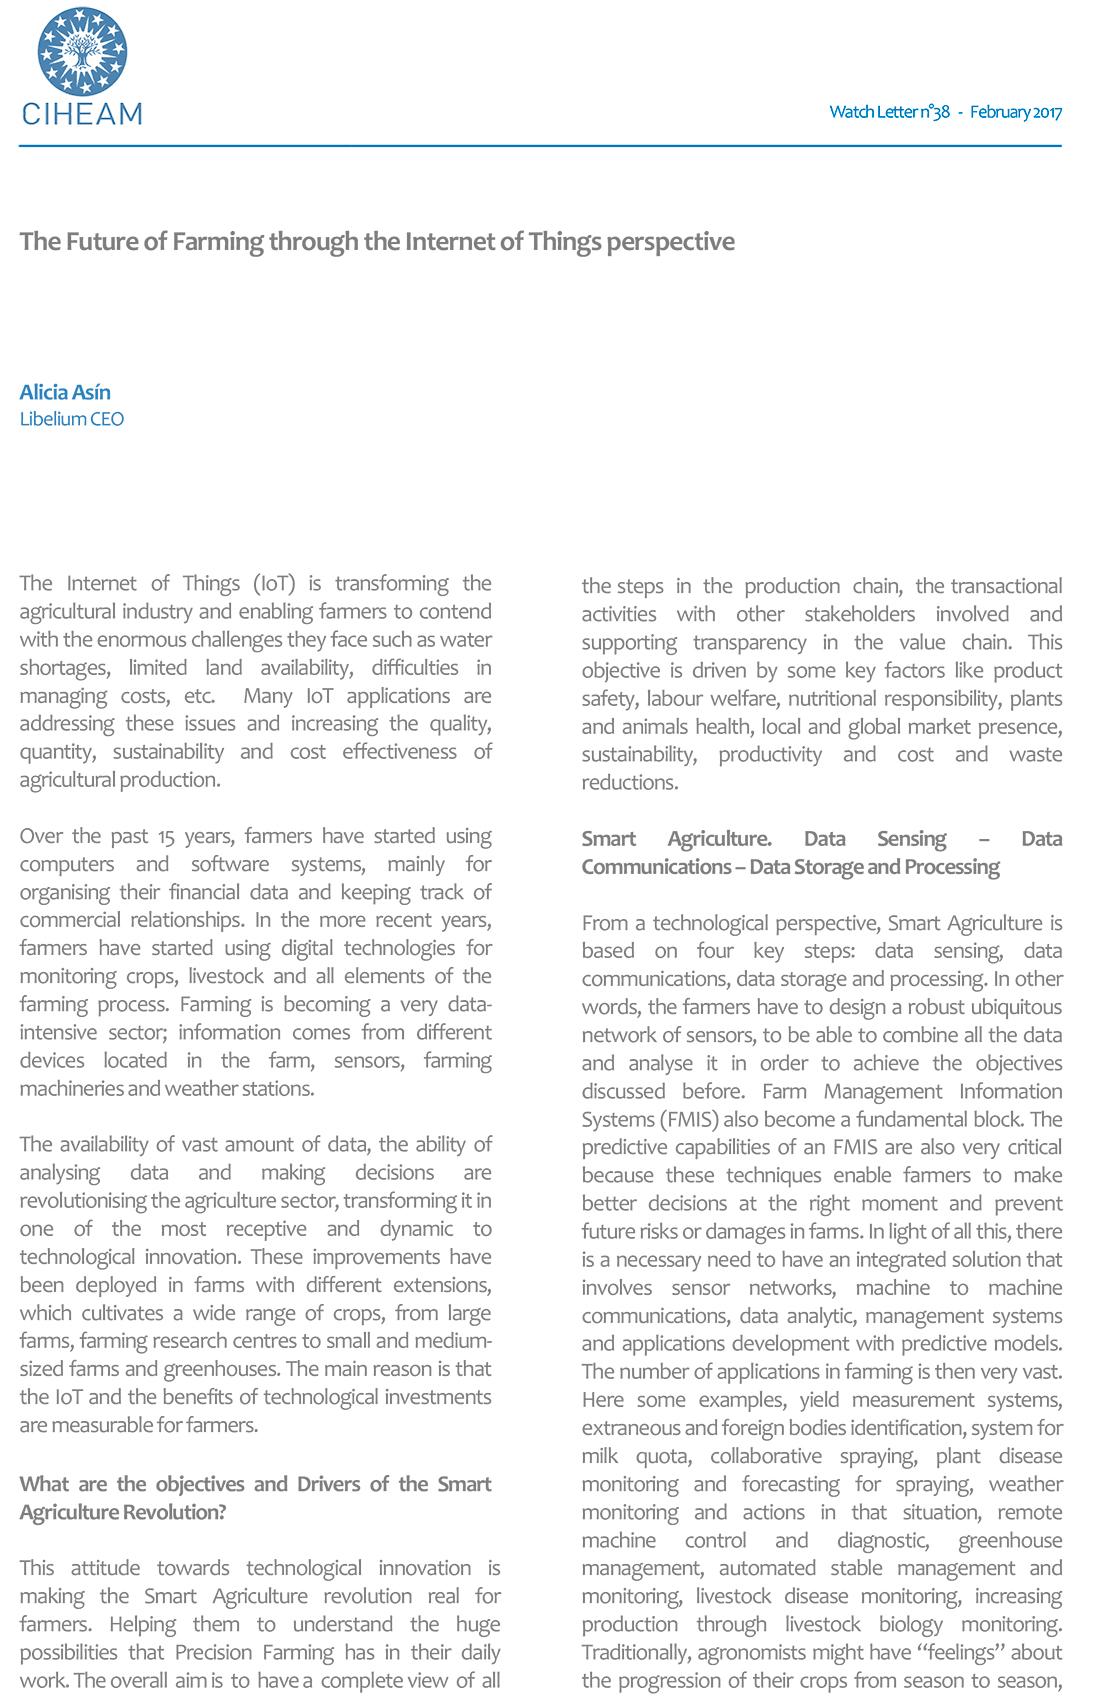 CIHEAM Watch Letter – The Future of Farming